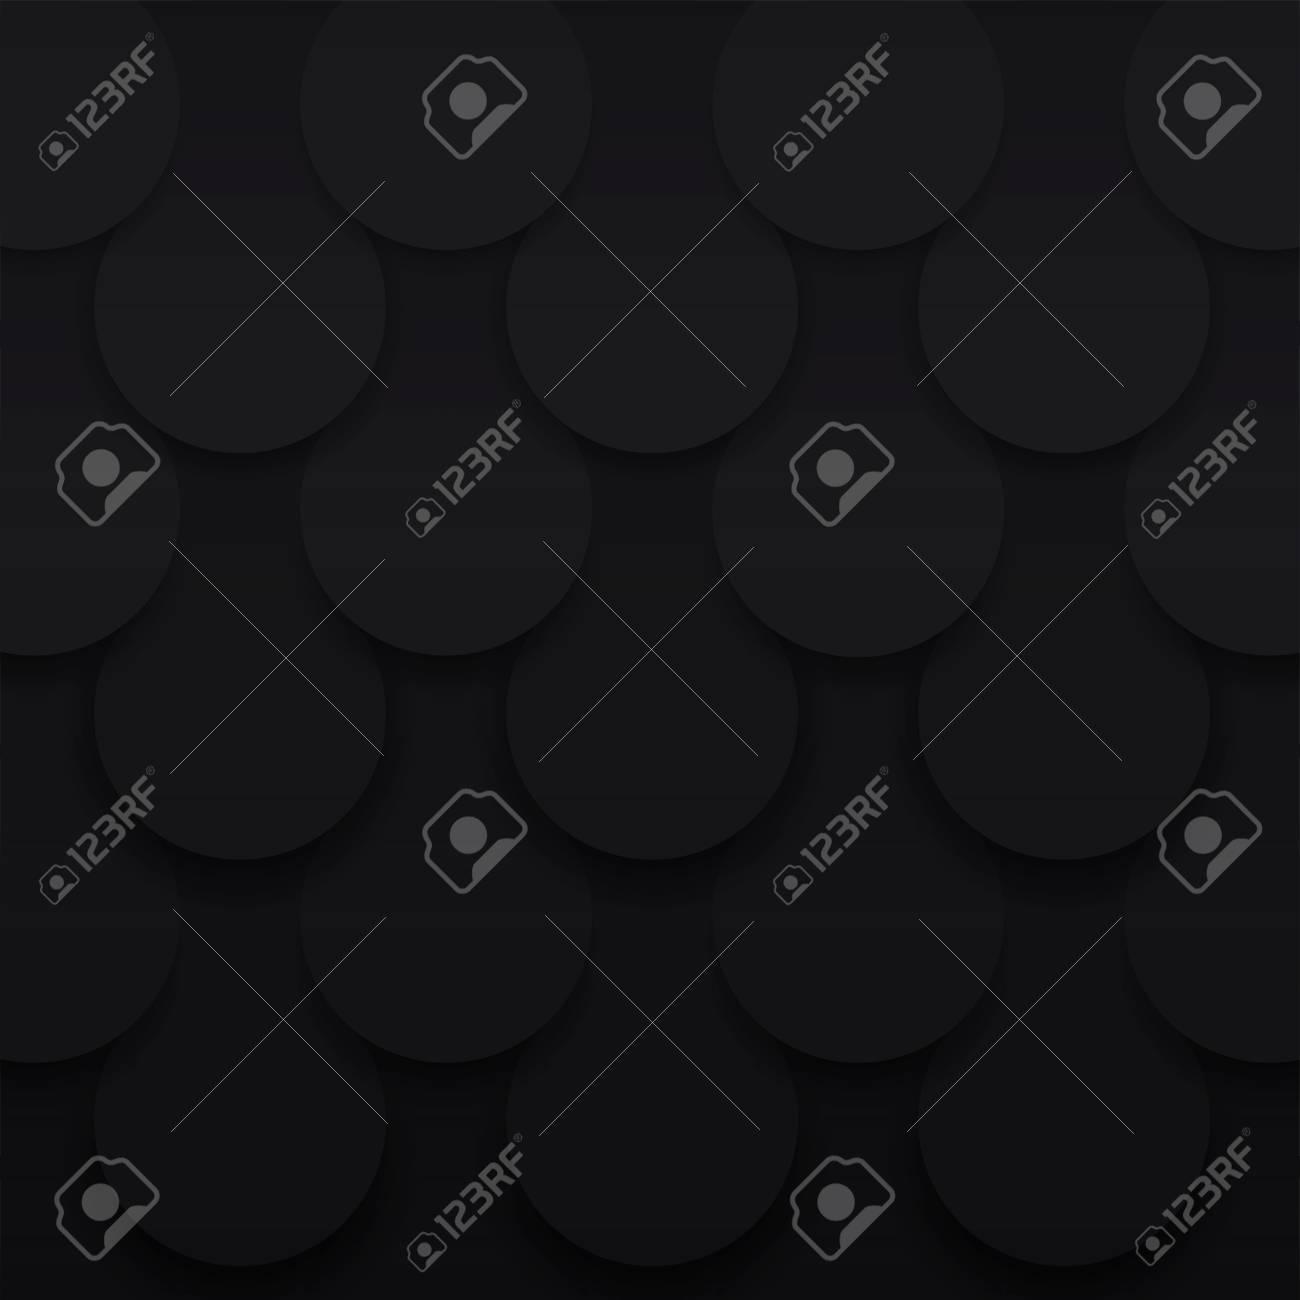 Retro Hintergrund Volumen Schwarzes Muster Skala Vektor Dunkle